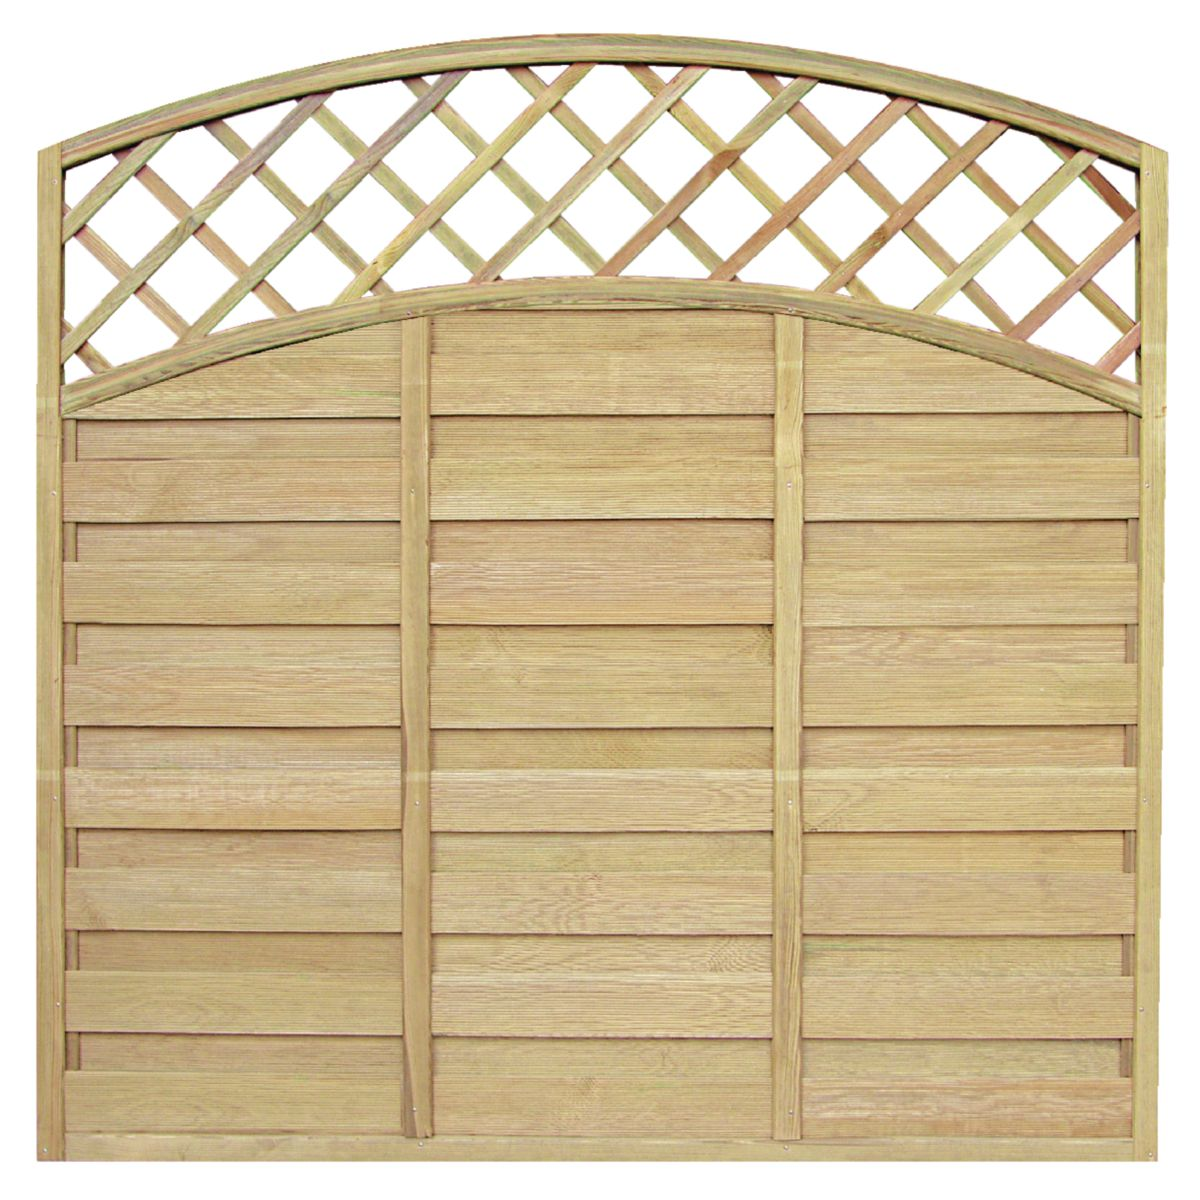 brise vent bois cheap panneaux bois brut with brise vent. Black Bedroom Furniture Sets. Home Design Ideas